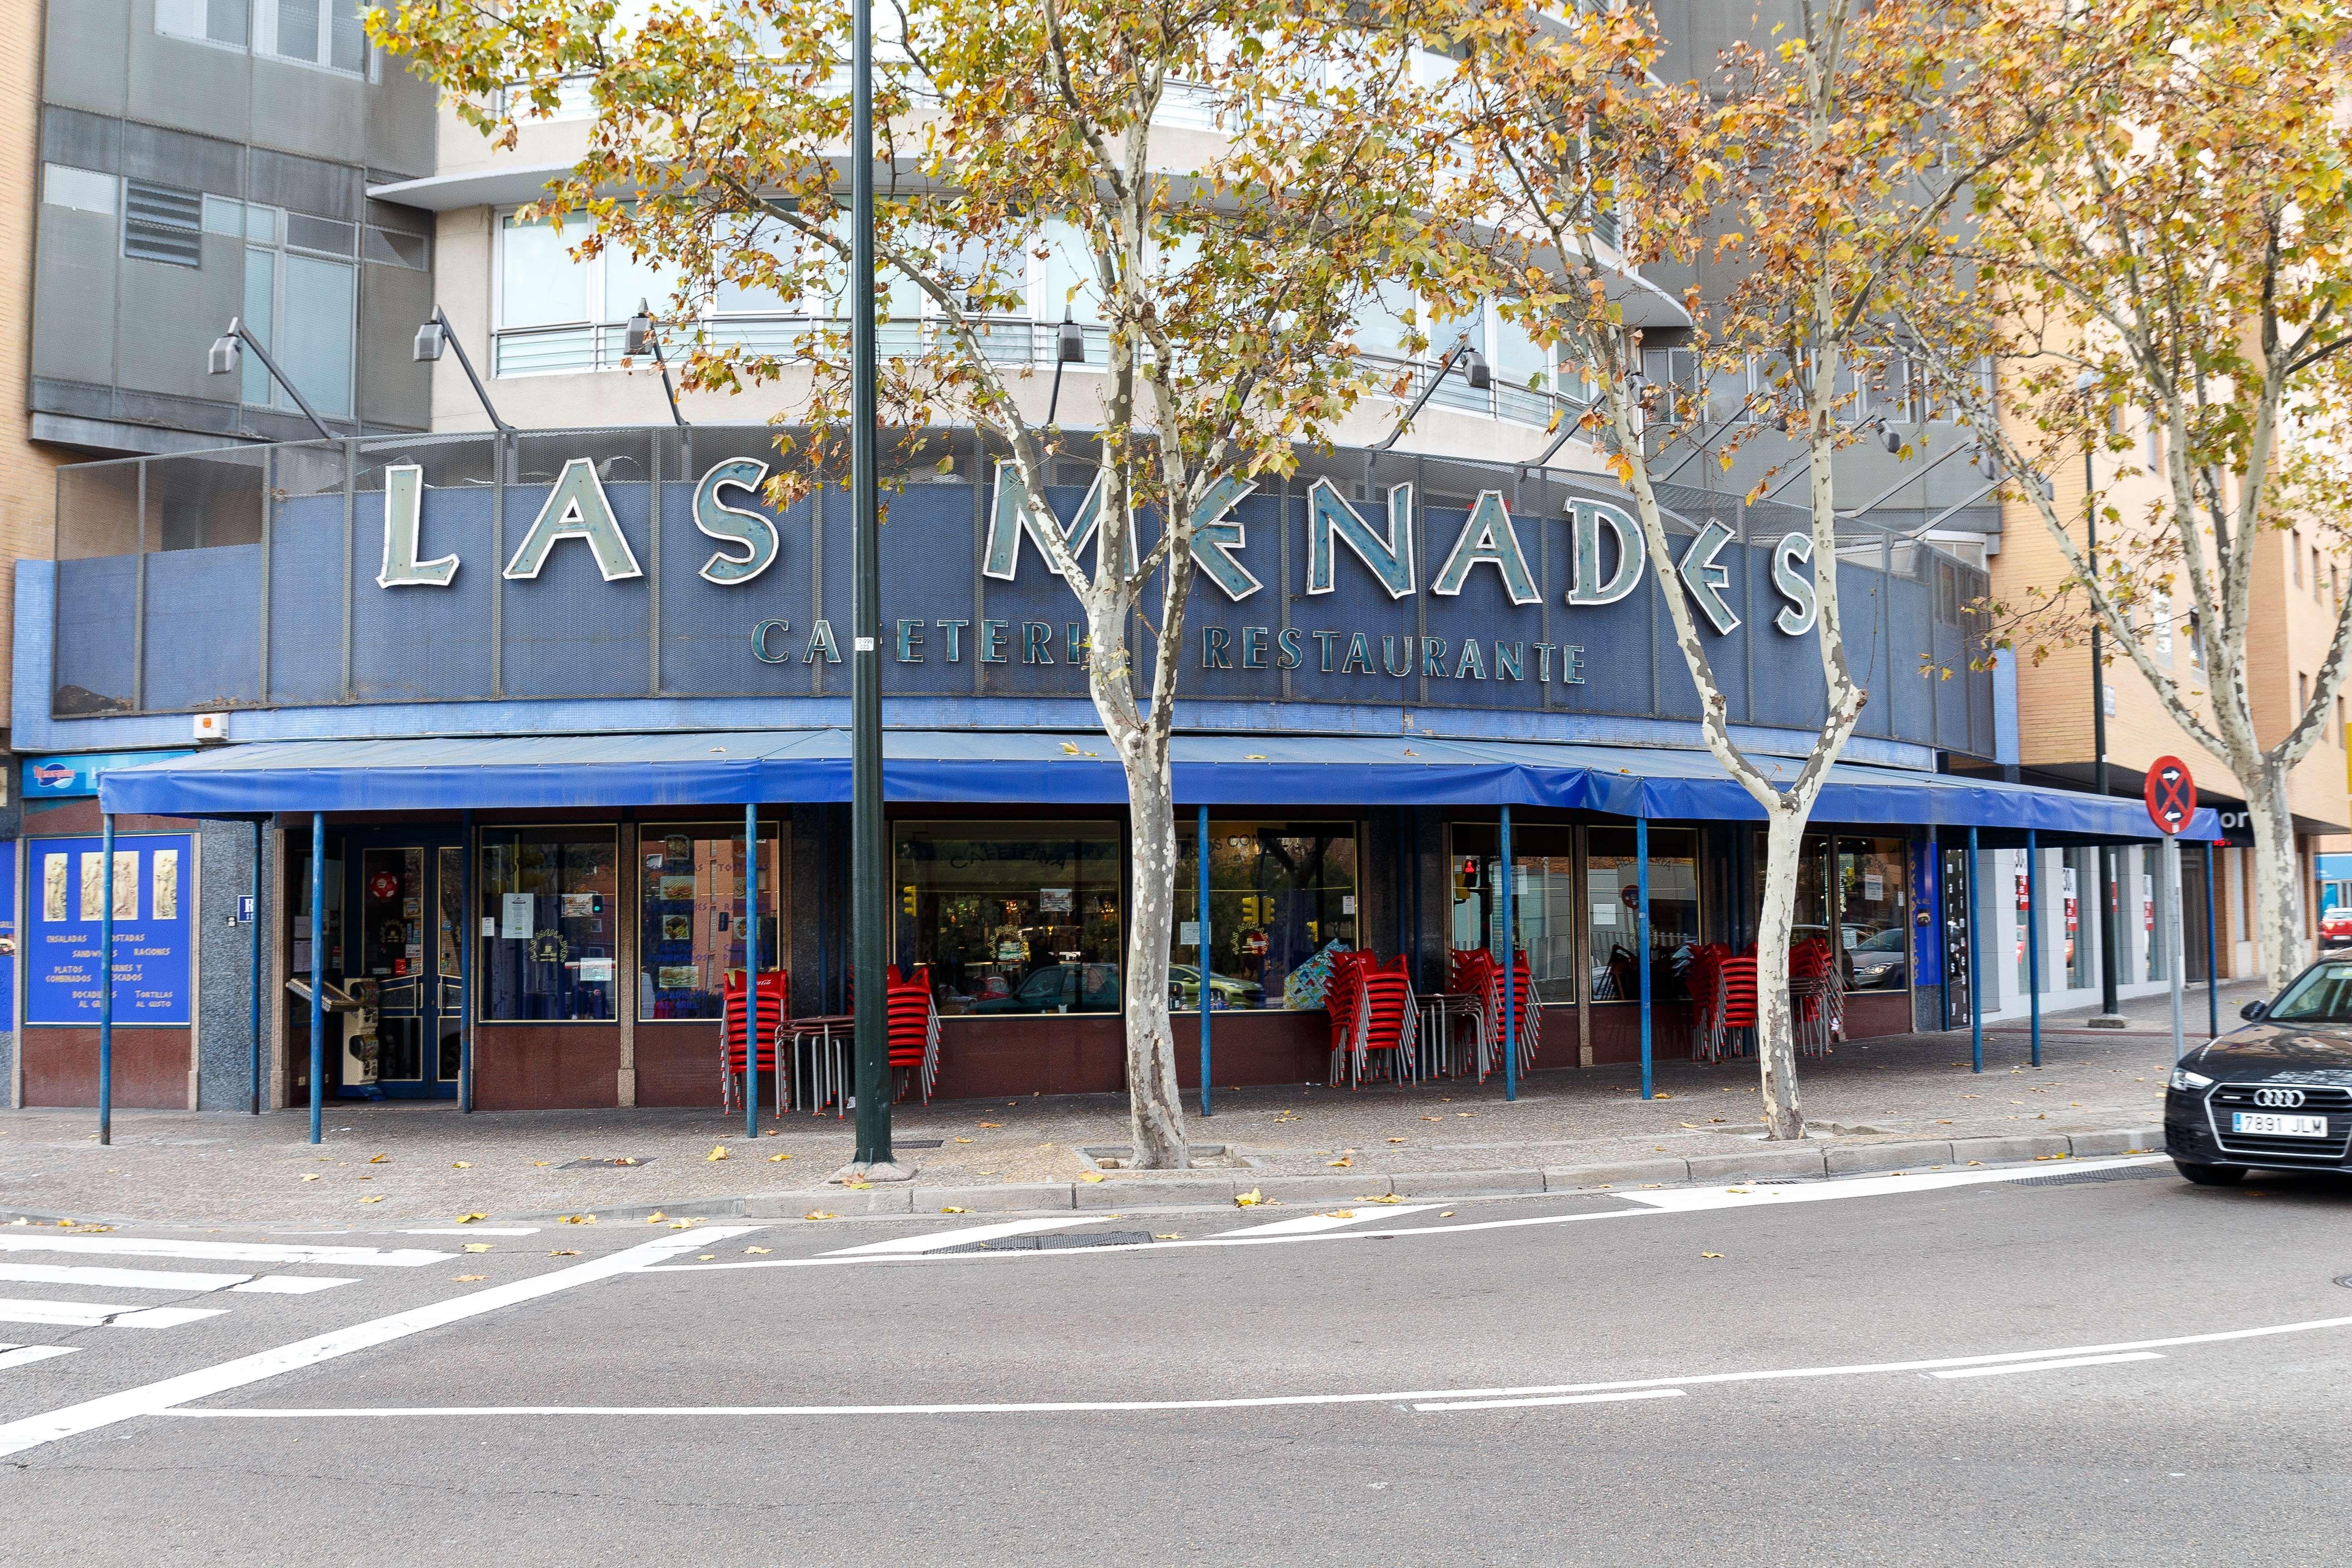 Restaurante Las Menades, Zaragoza